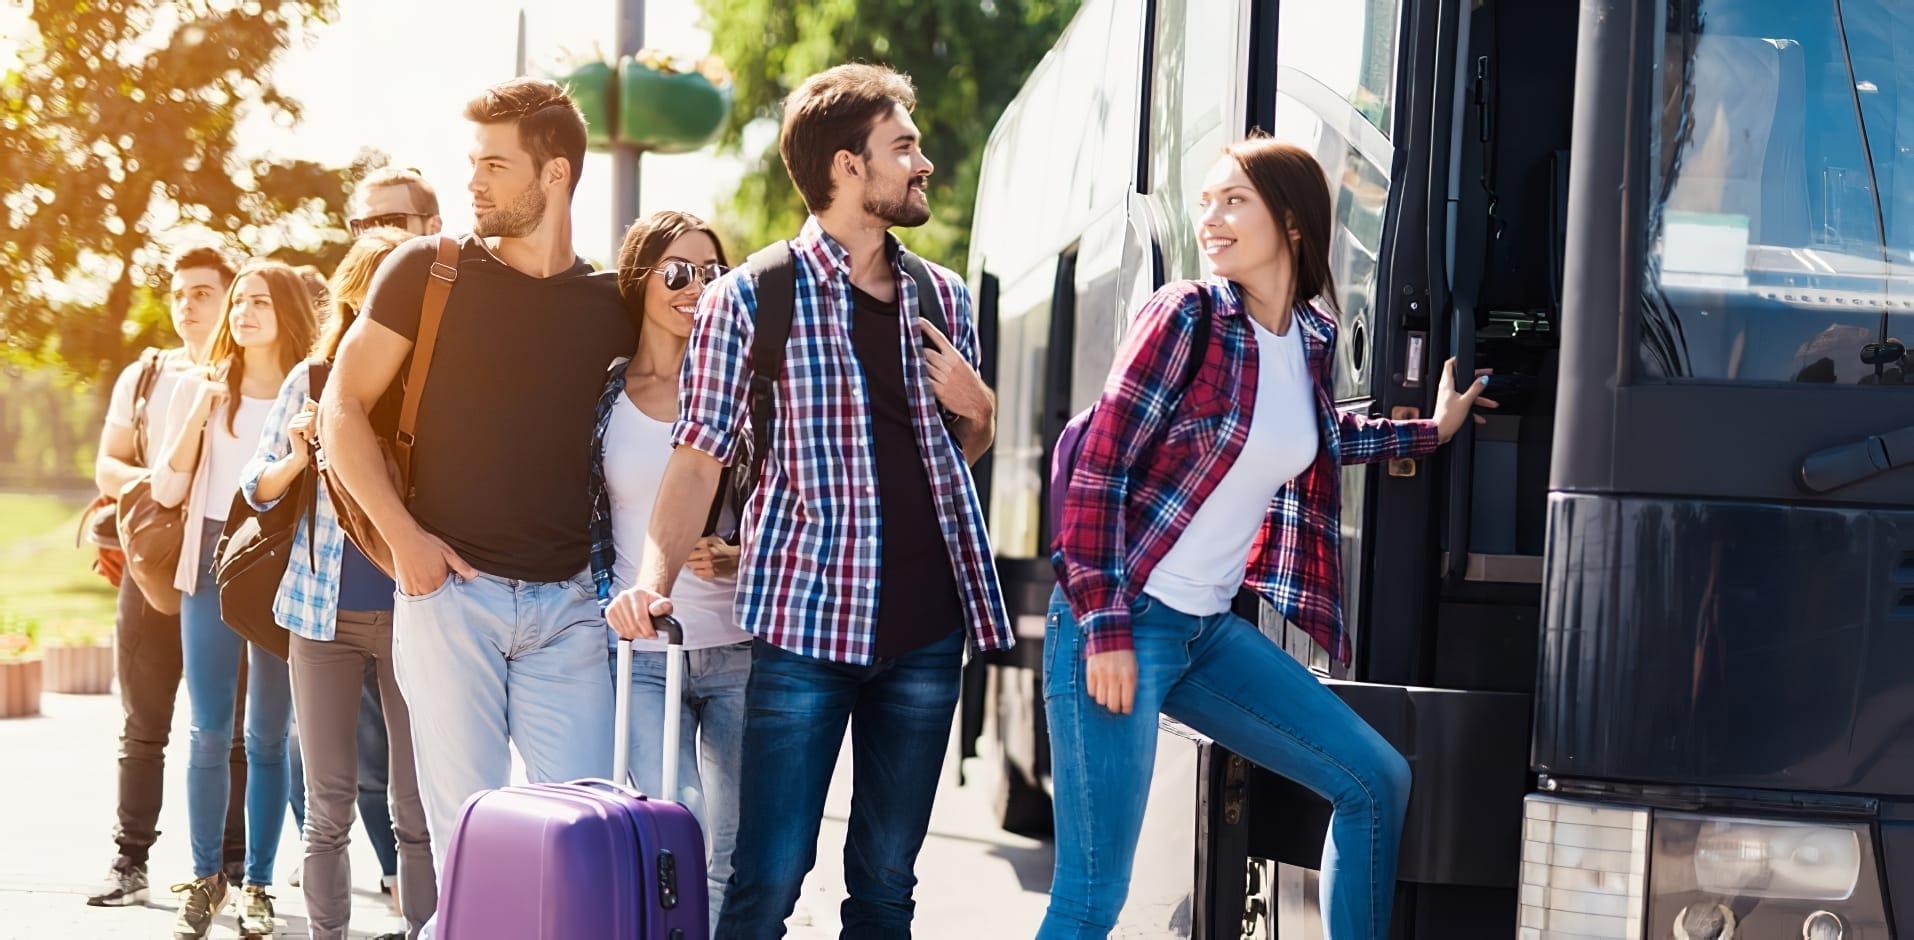 Louer un bus en groupe